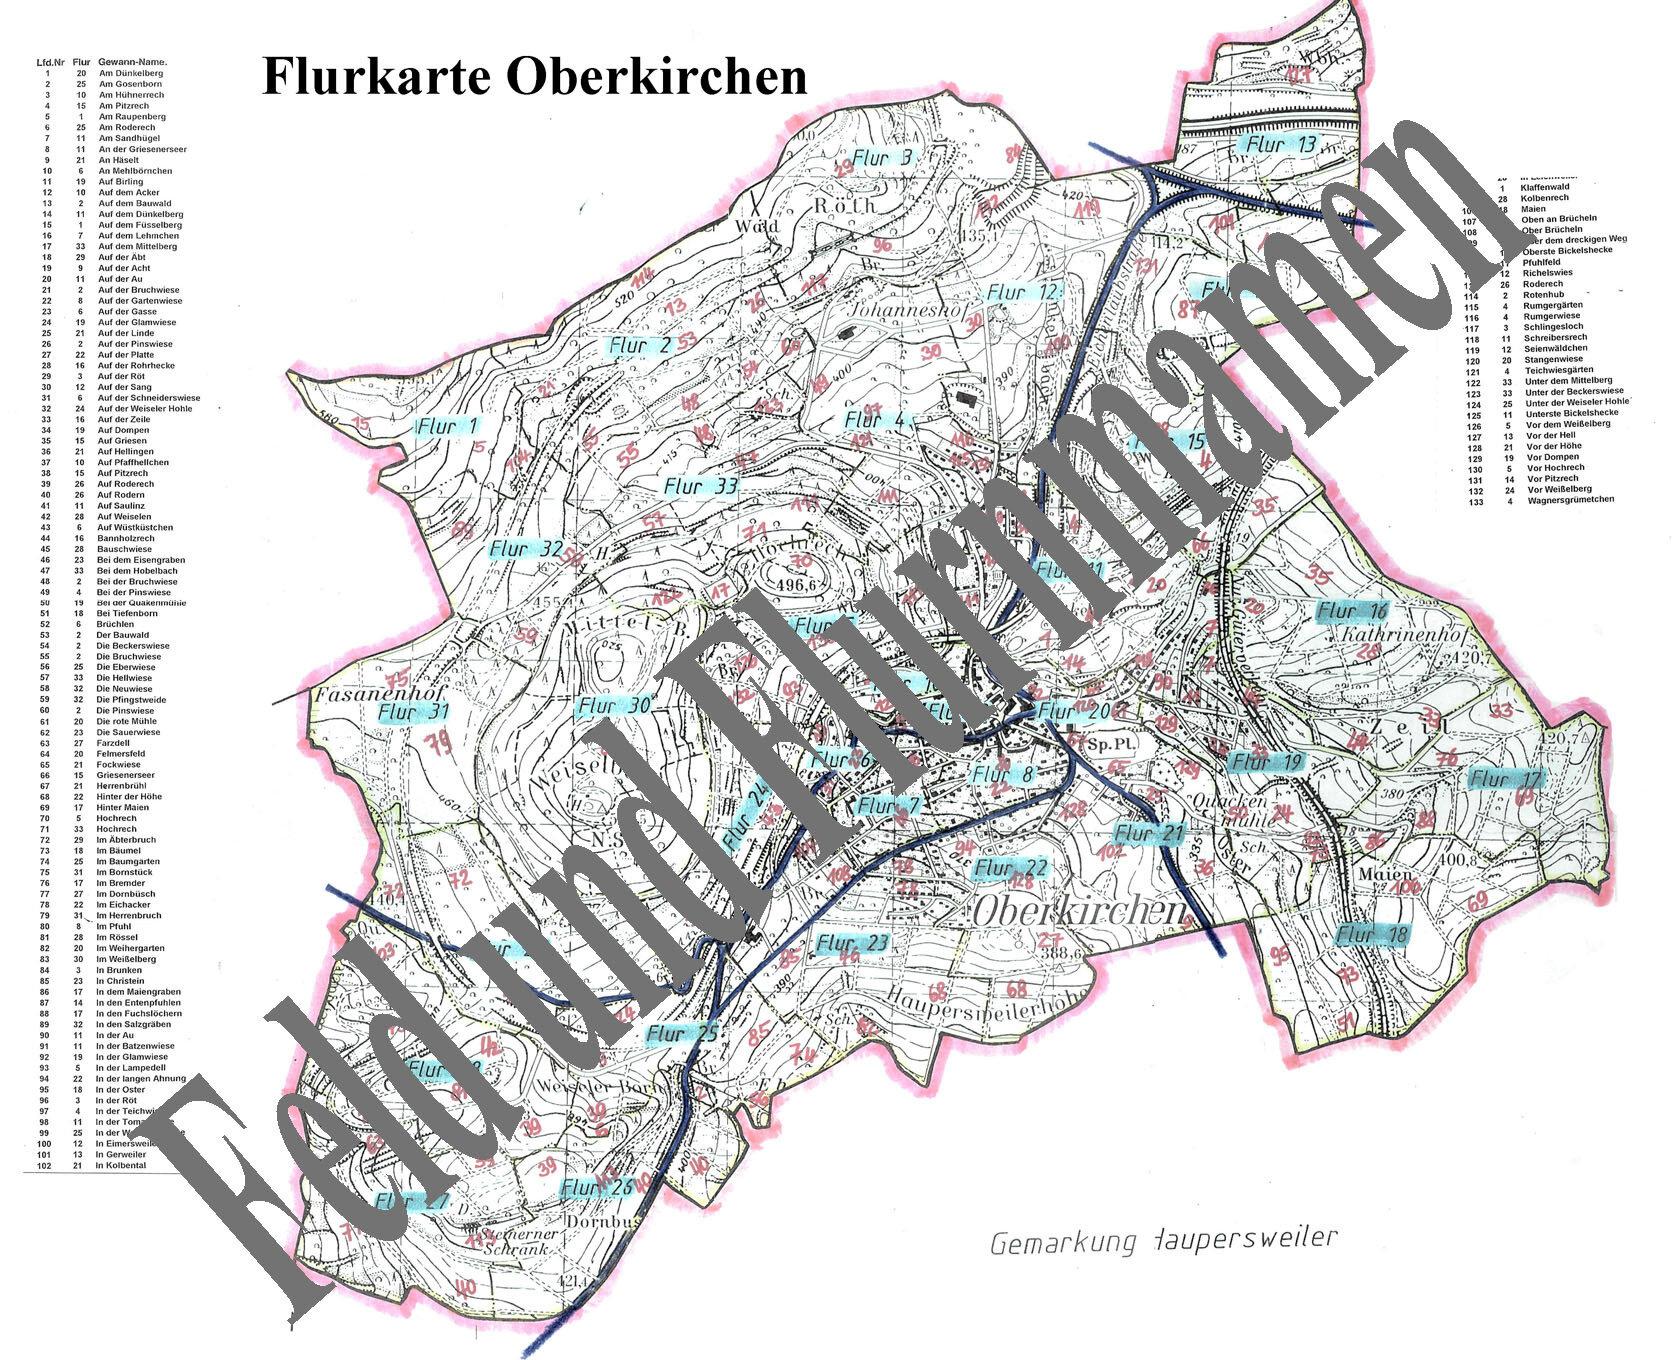 Flurkarte Oberkirchen